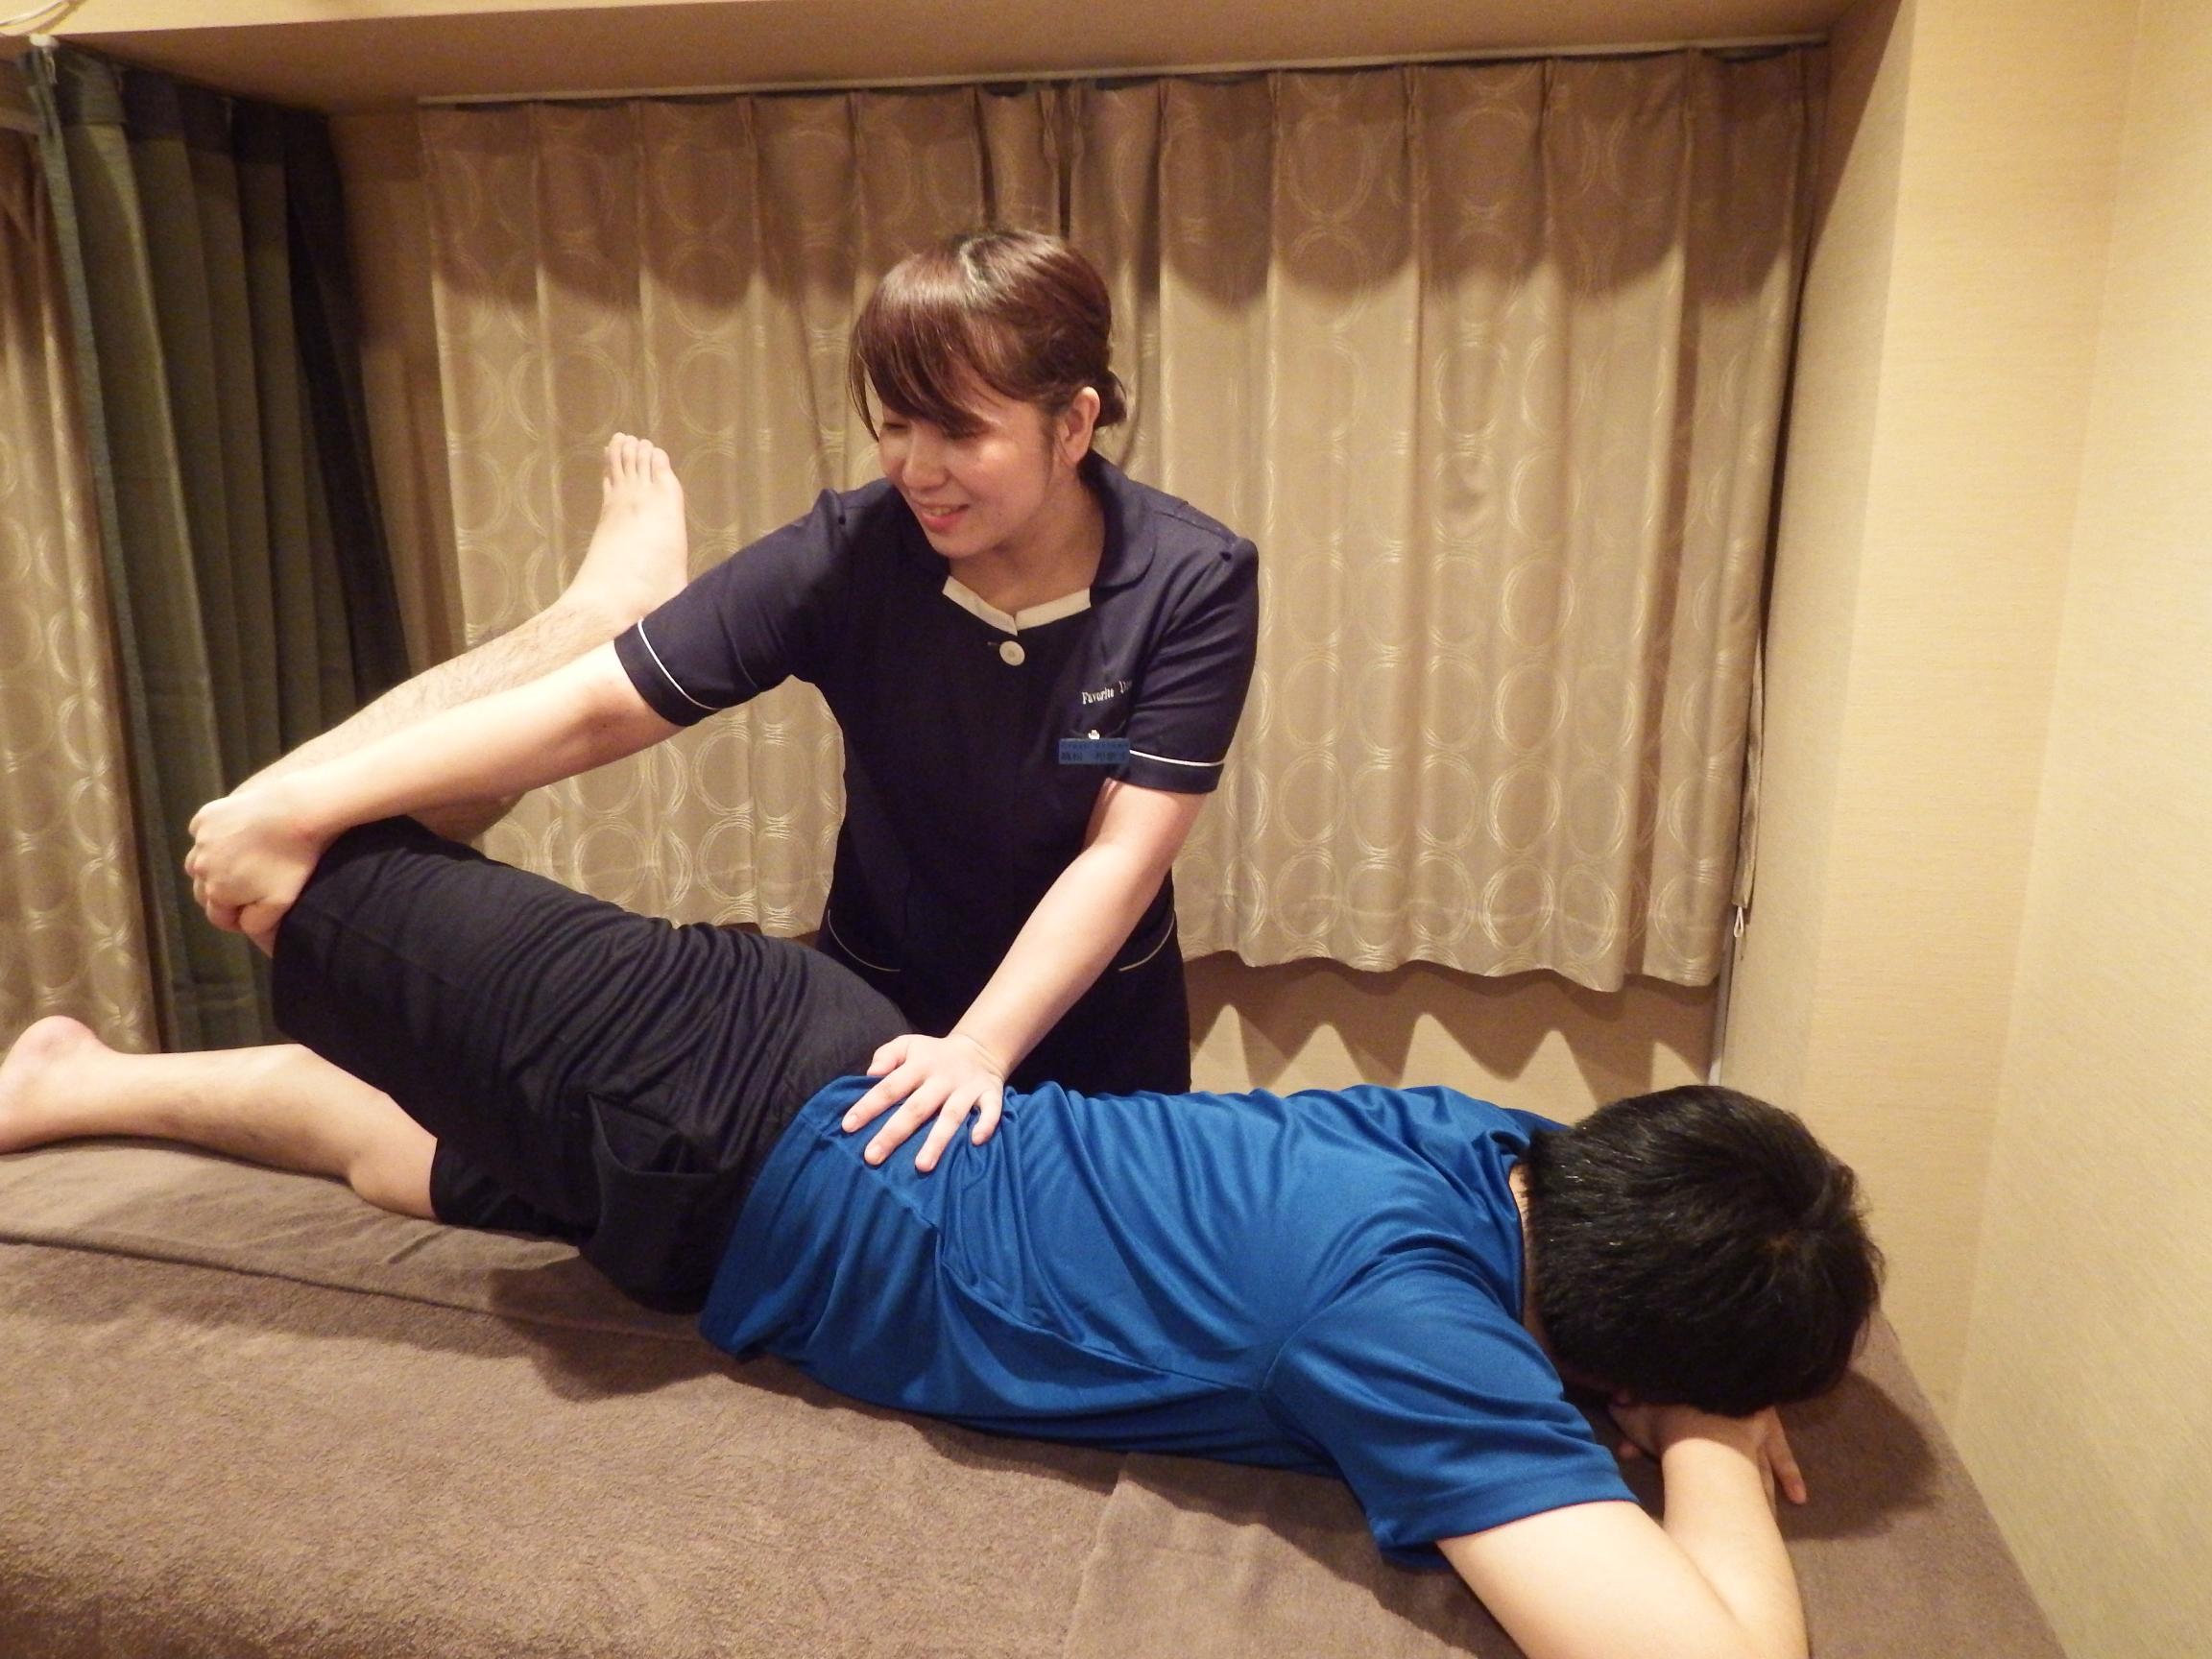 男女スタッフ在籍★ペア予約OK♪日本人、有資格スタッフ!